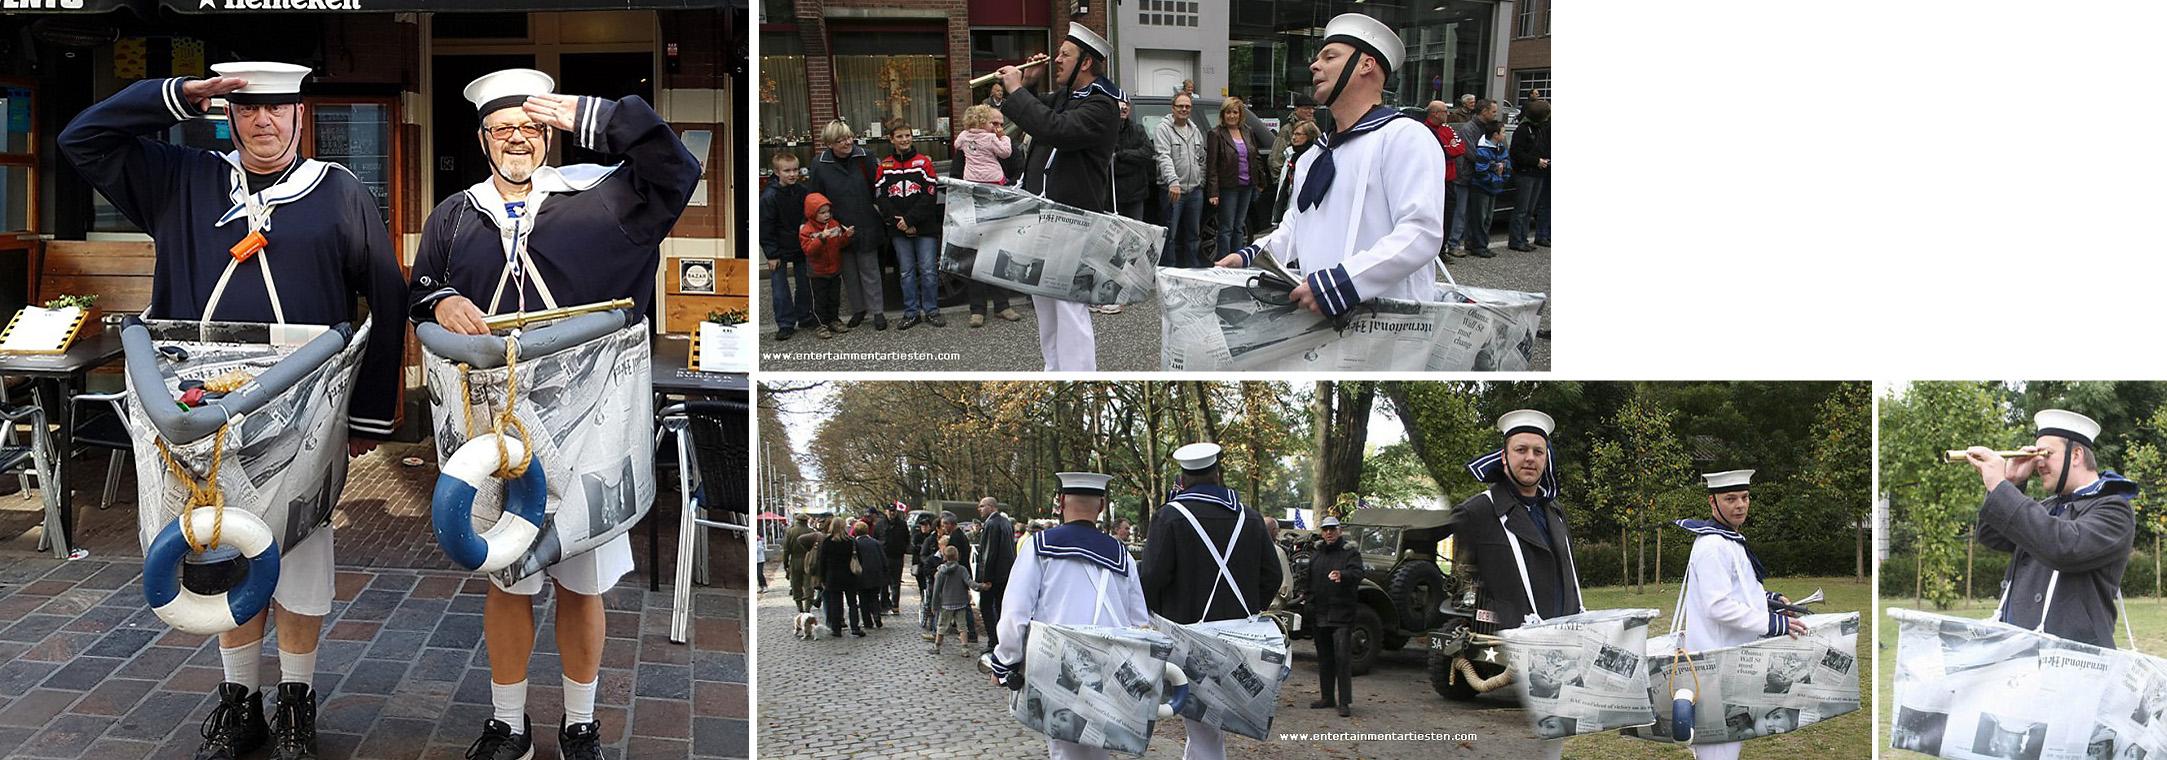 De Animatie Matrozenleed is Nautisch- & Maritiem Entertainment van twee matrozen die hun moederschip kwijt zijn, www.goversartiesten.nl